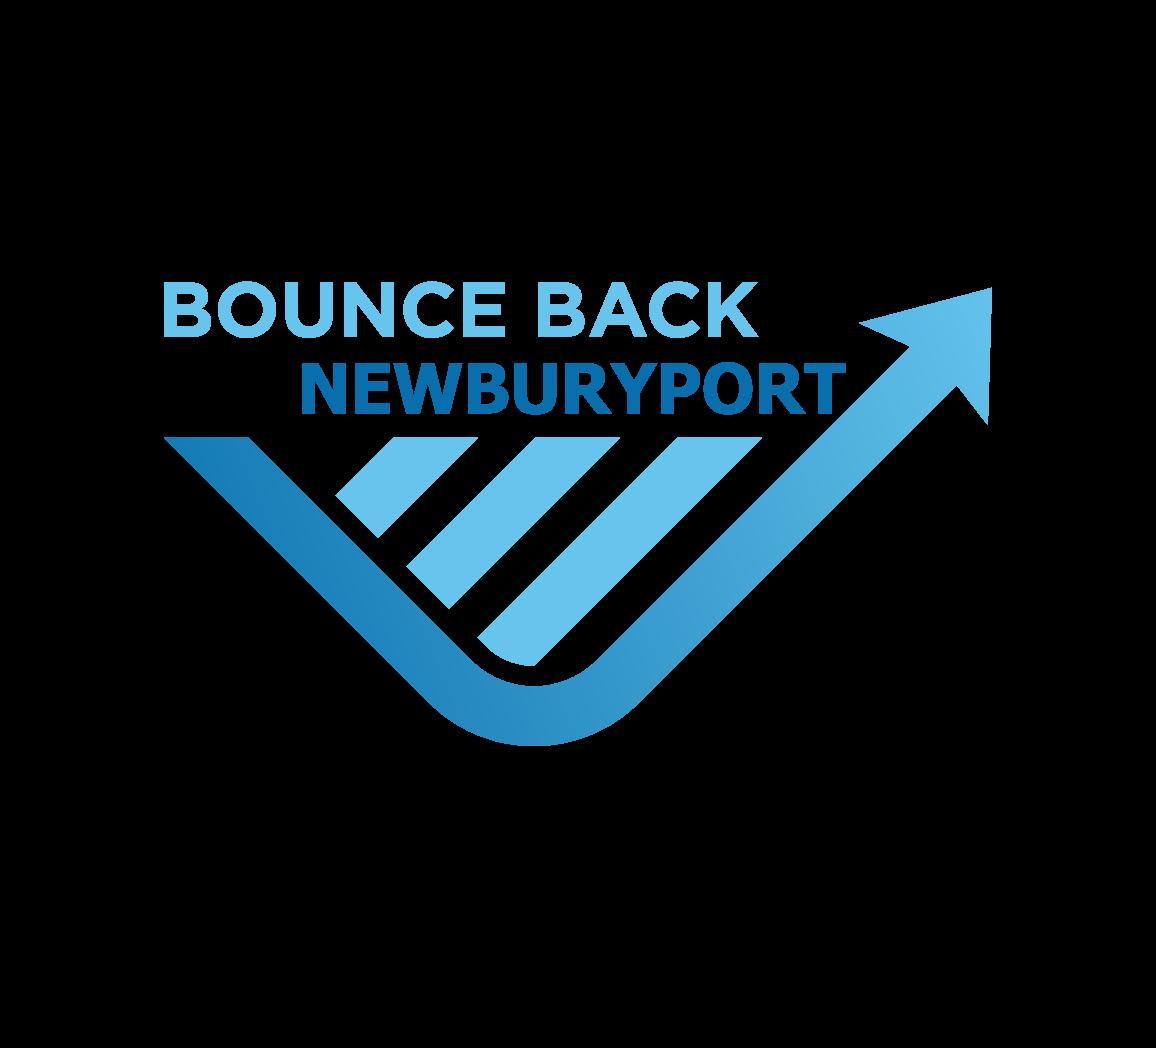 Bounce Back Newburyport